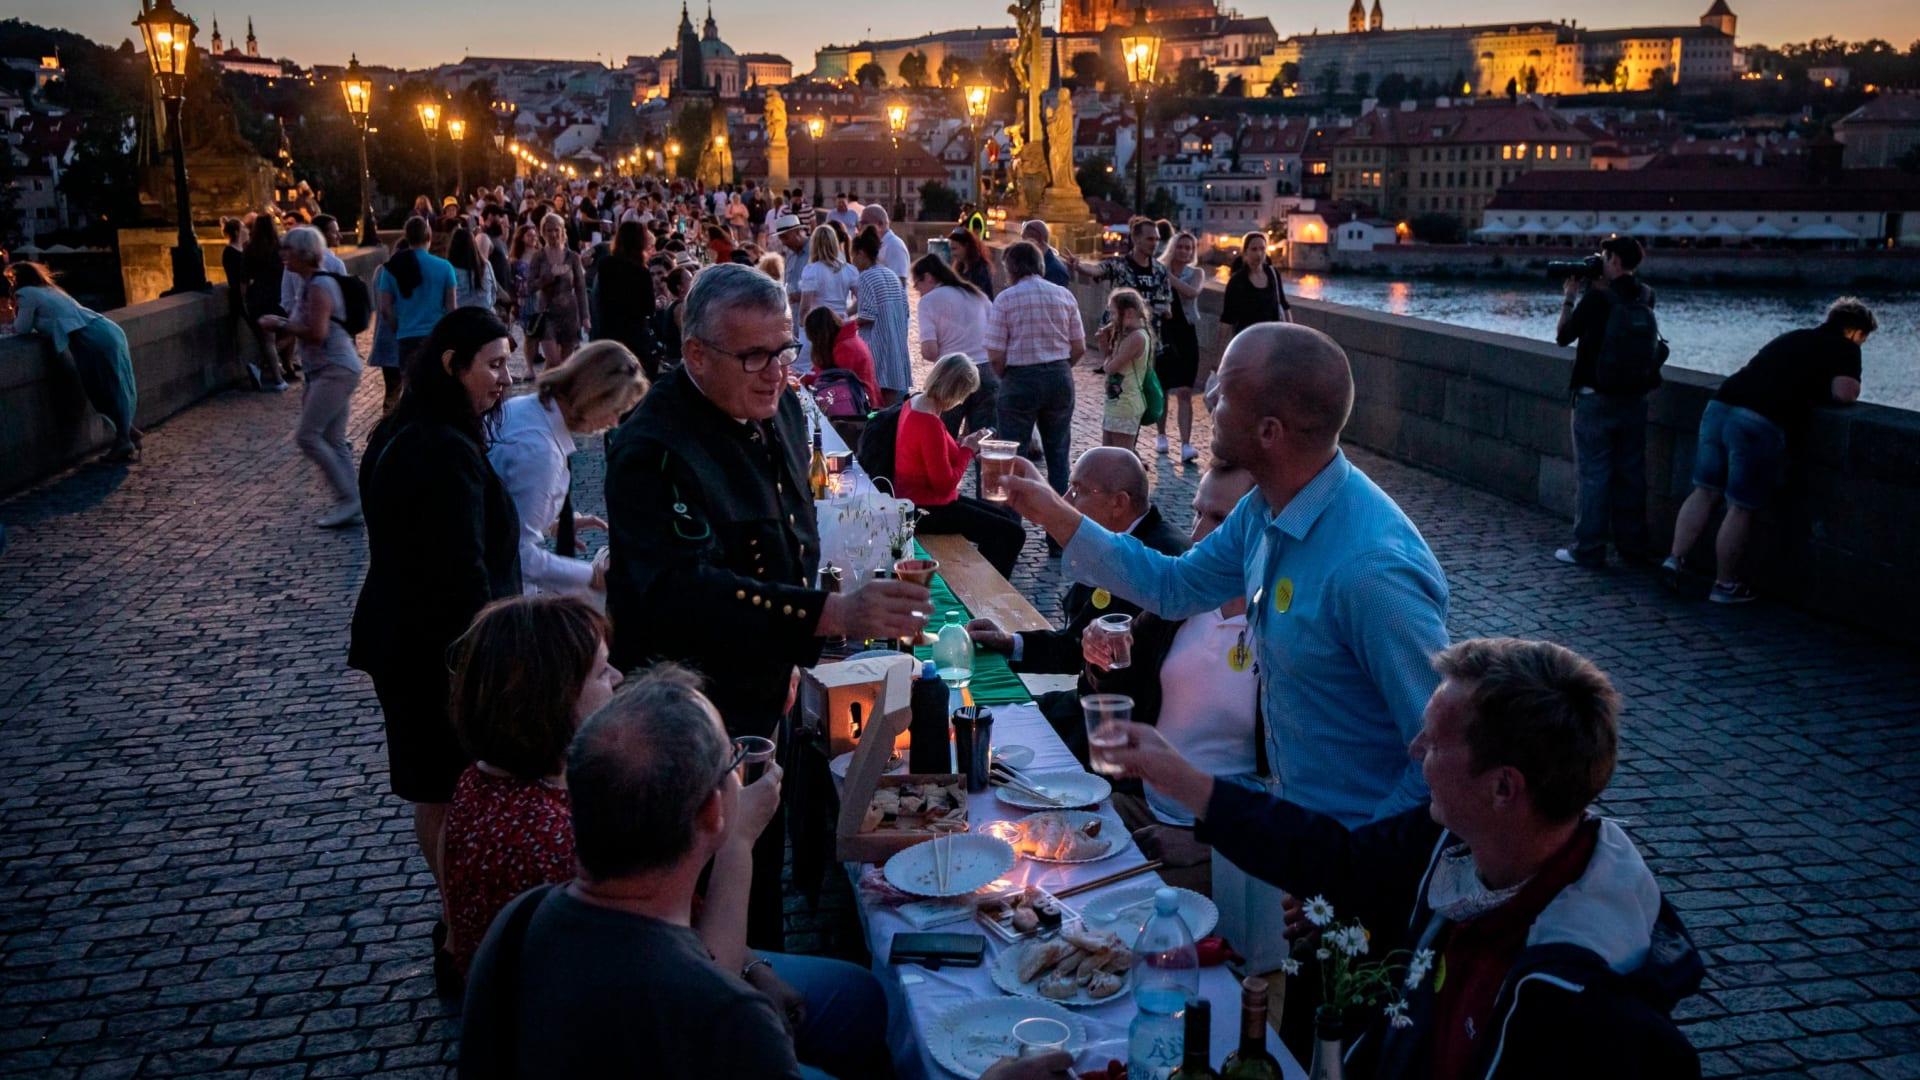 بطول 1600 قدم..مائدة عشاء ضخمة احتفالاً بتخفيف قيود كورونا في جمهورية التشيك